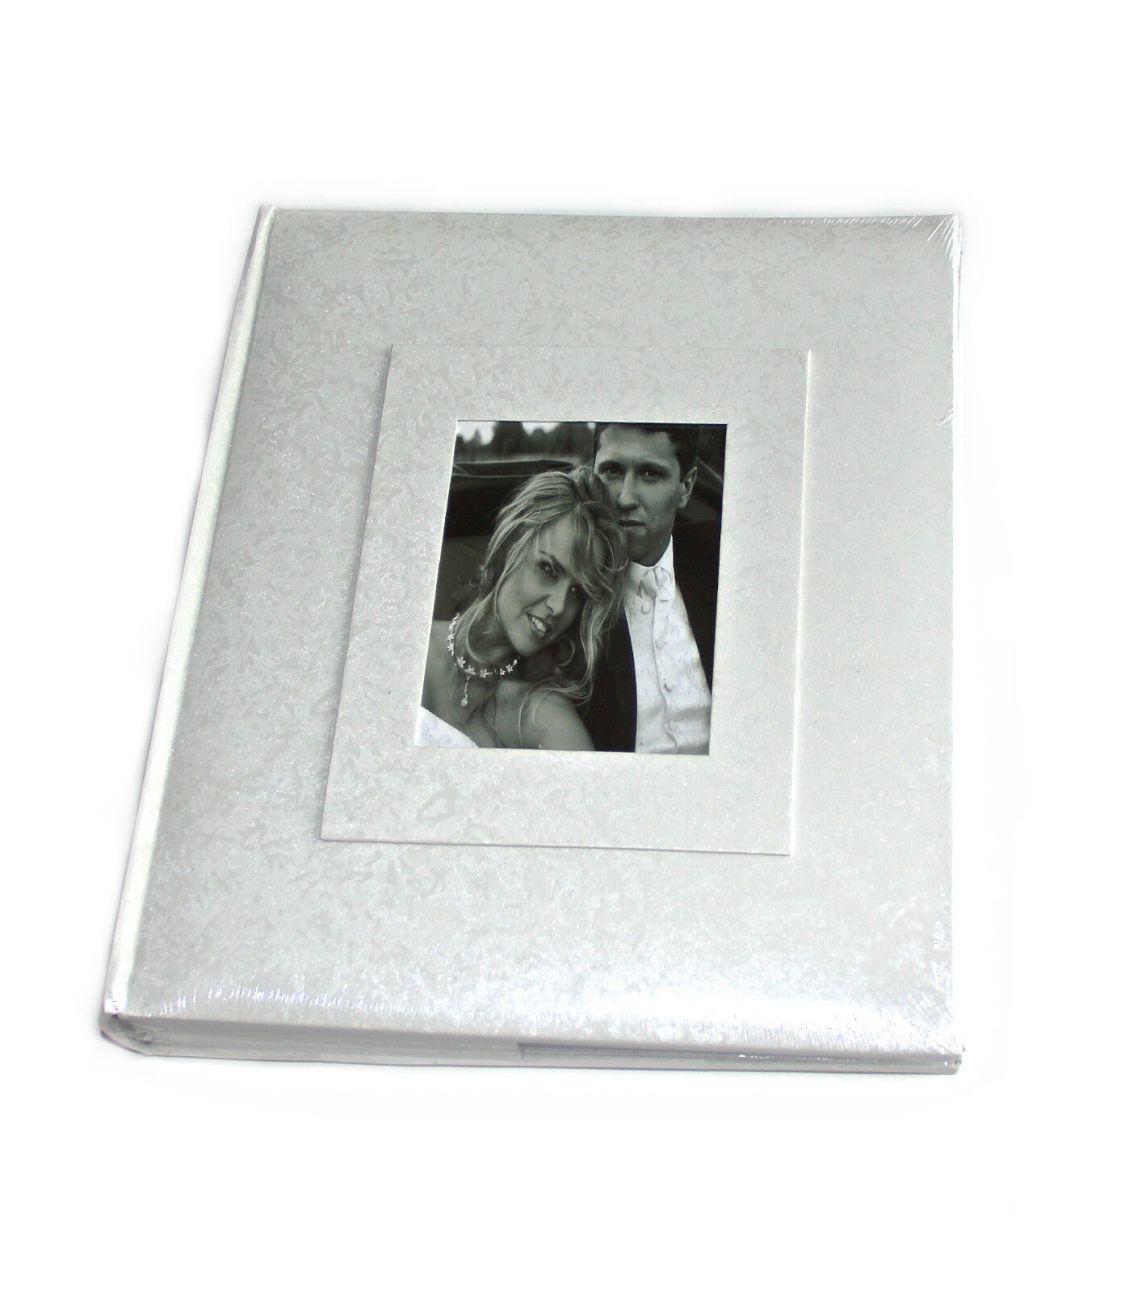 EXKLUSIV Hochzeitsalbum Fotoalbum Hochzeit Fotos 60 schwarze Seiten 24x29cm amo